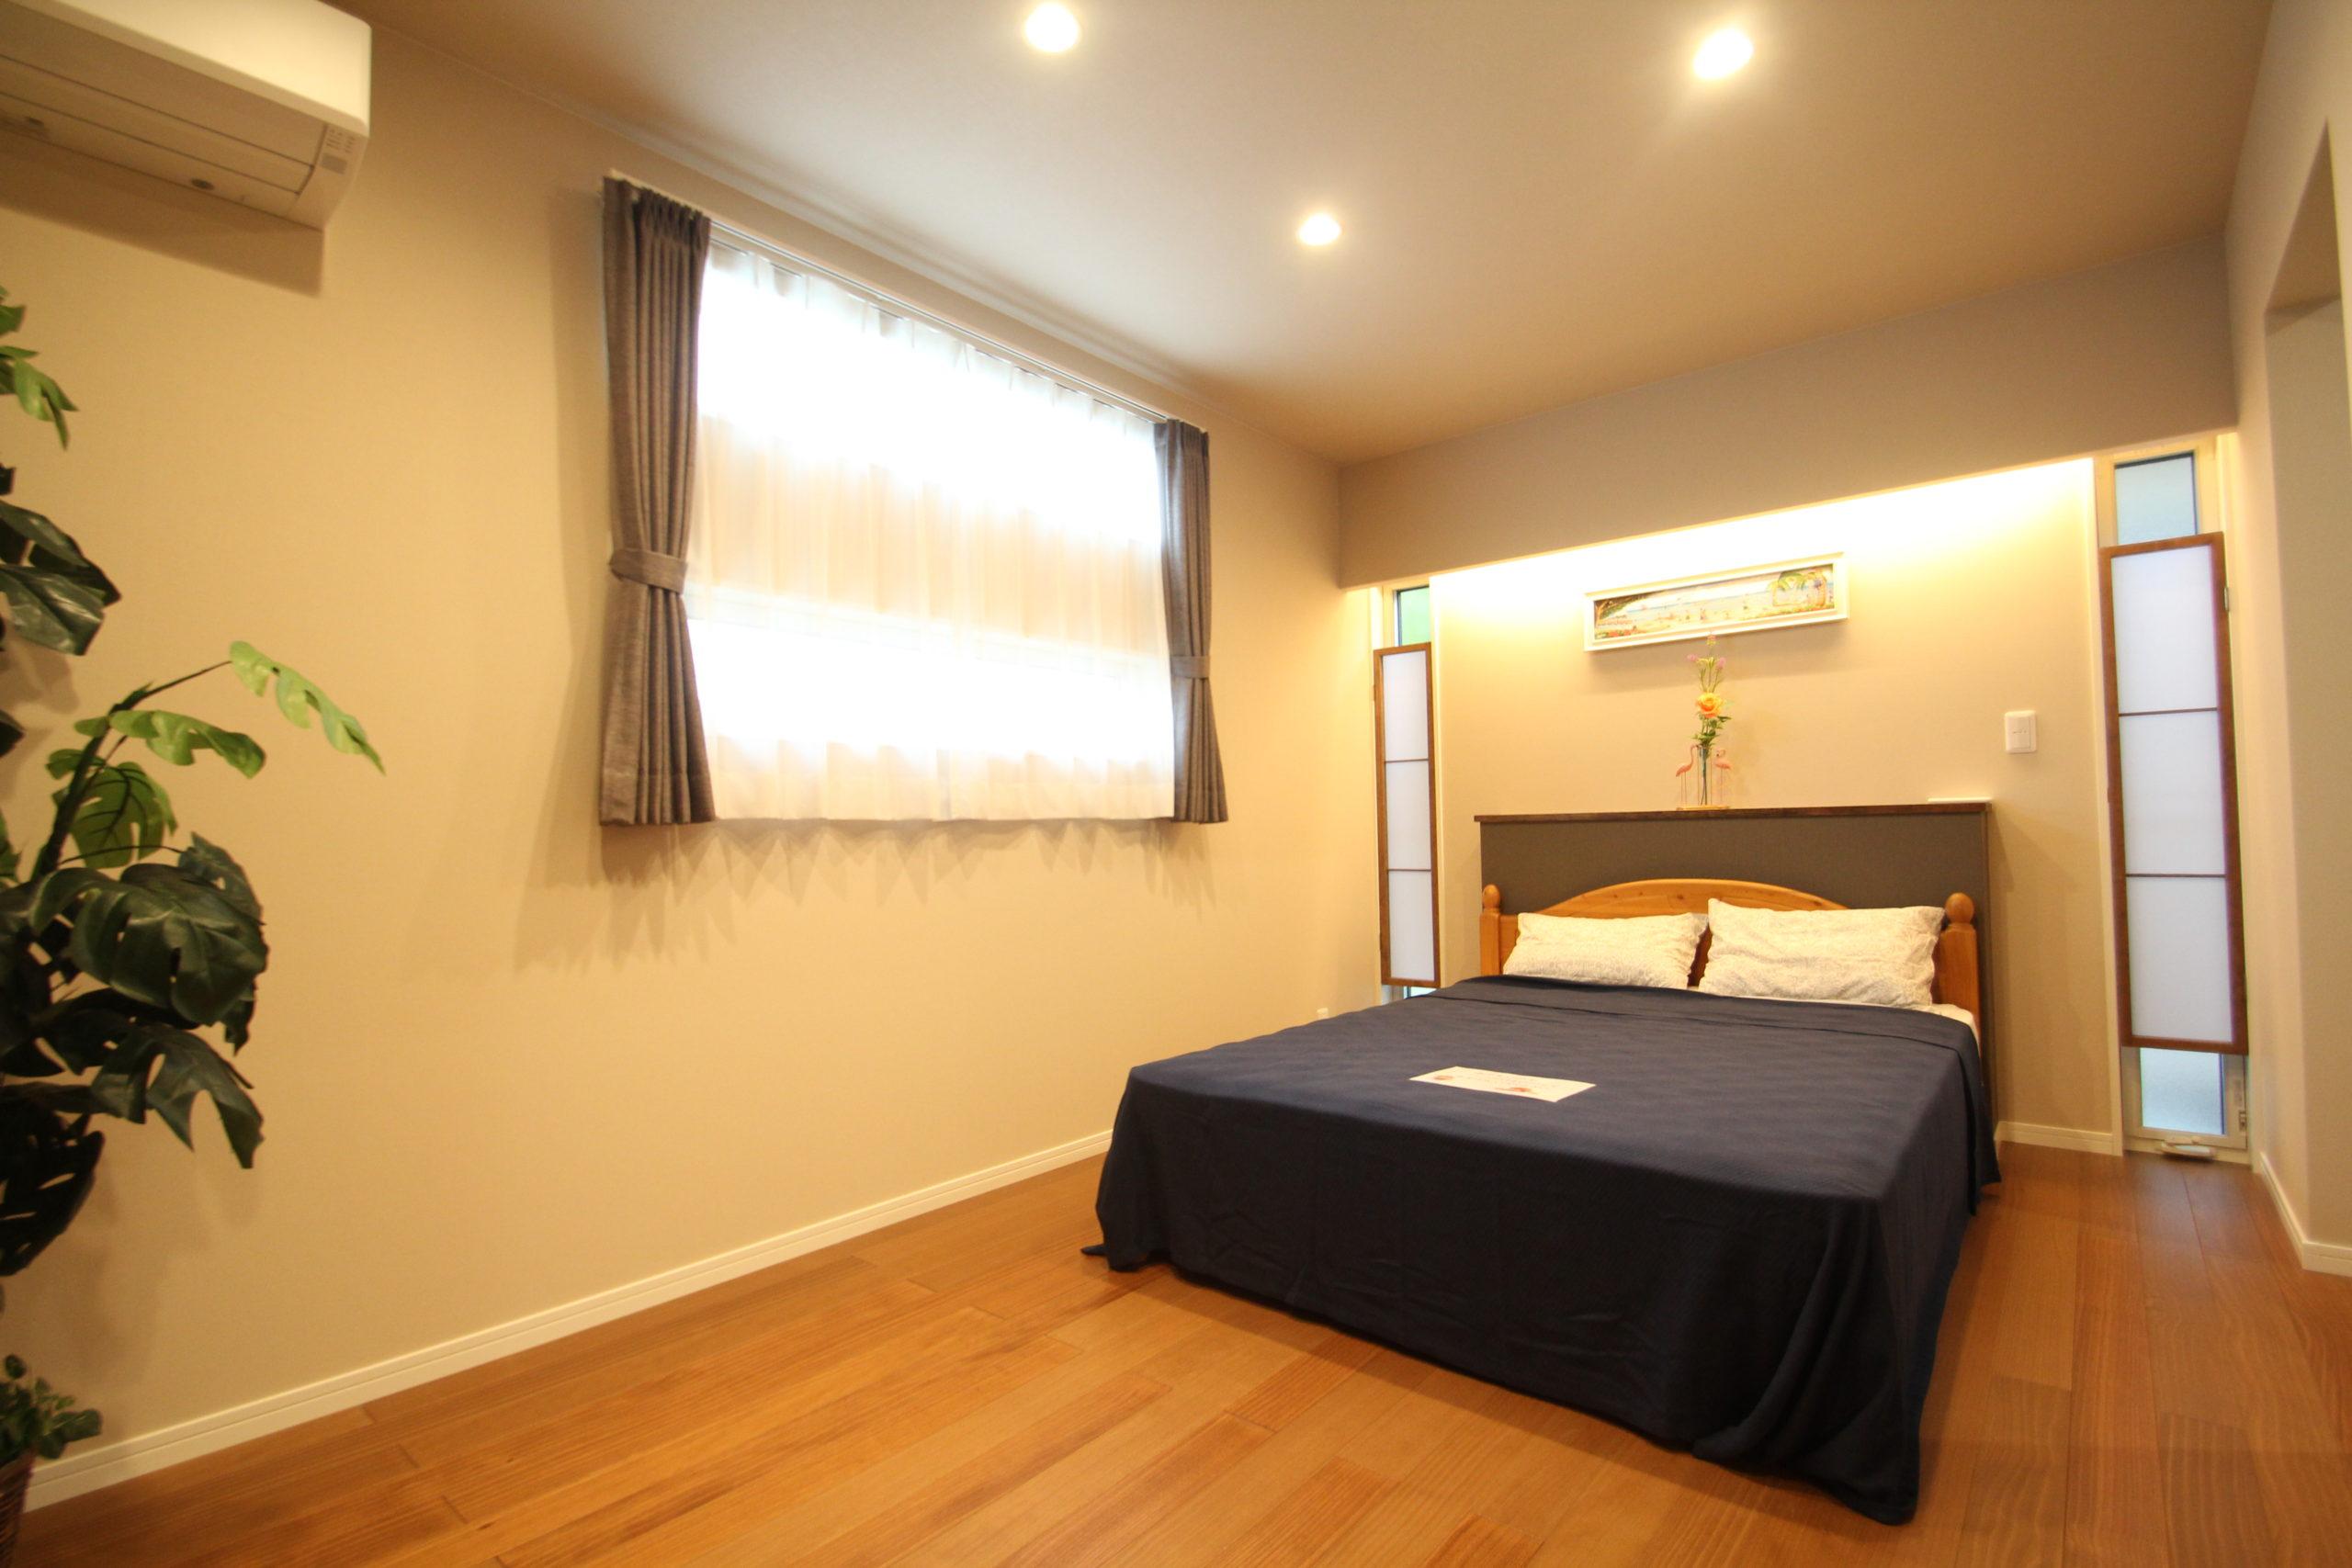 7帖の主寝室+ウォークインクローゼット